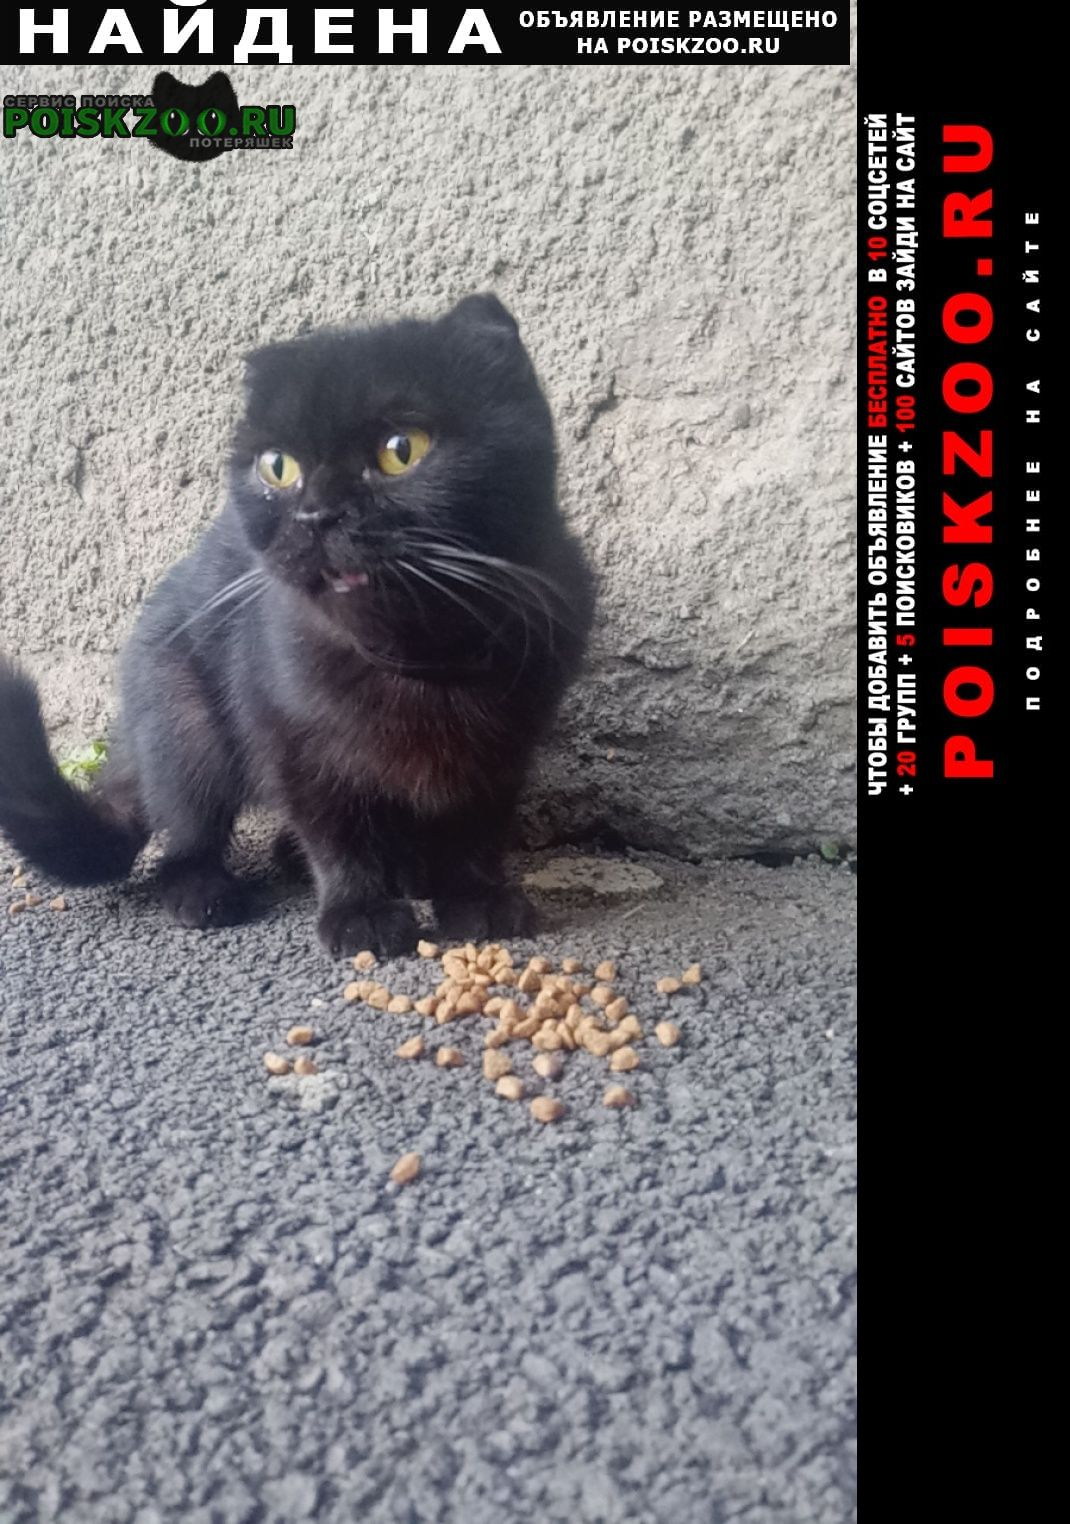 Найдена кошка черная вислоухая Ставрополь